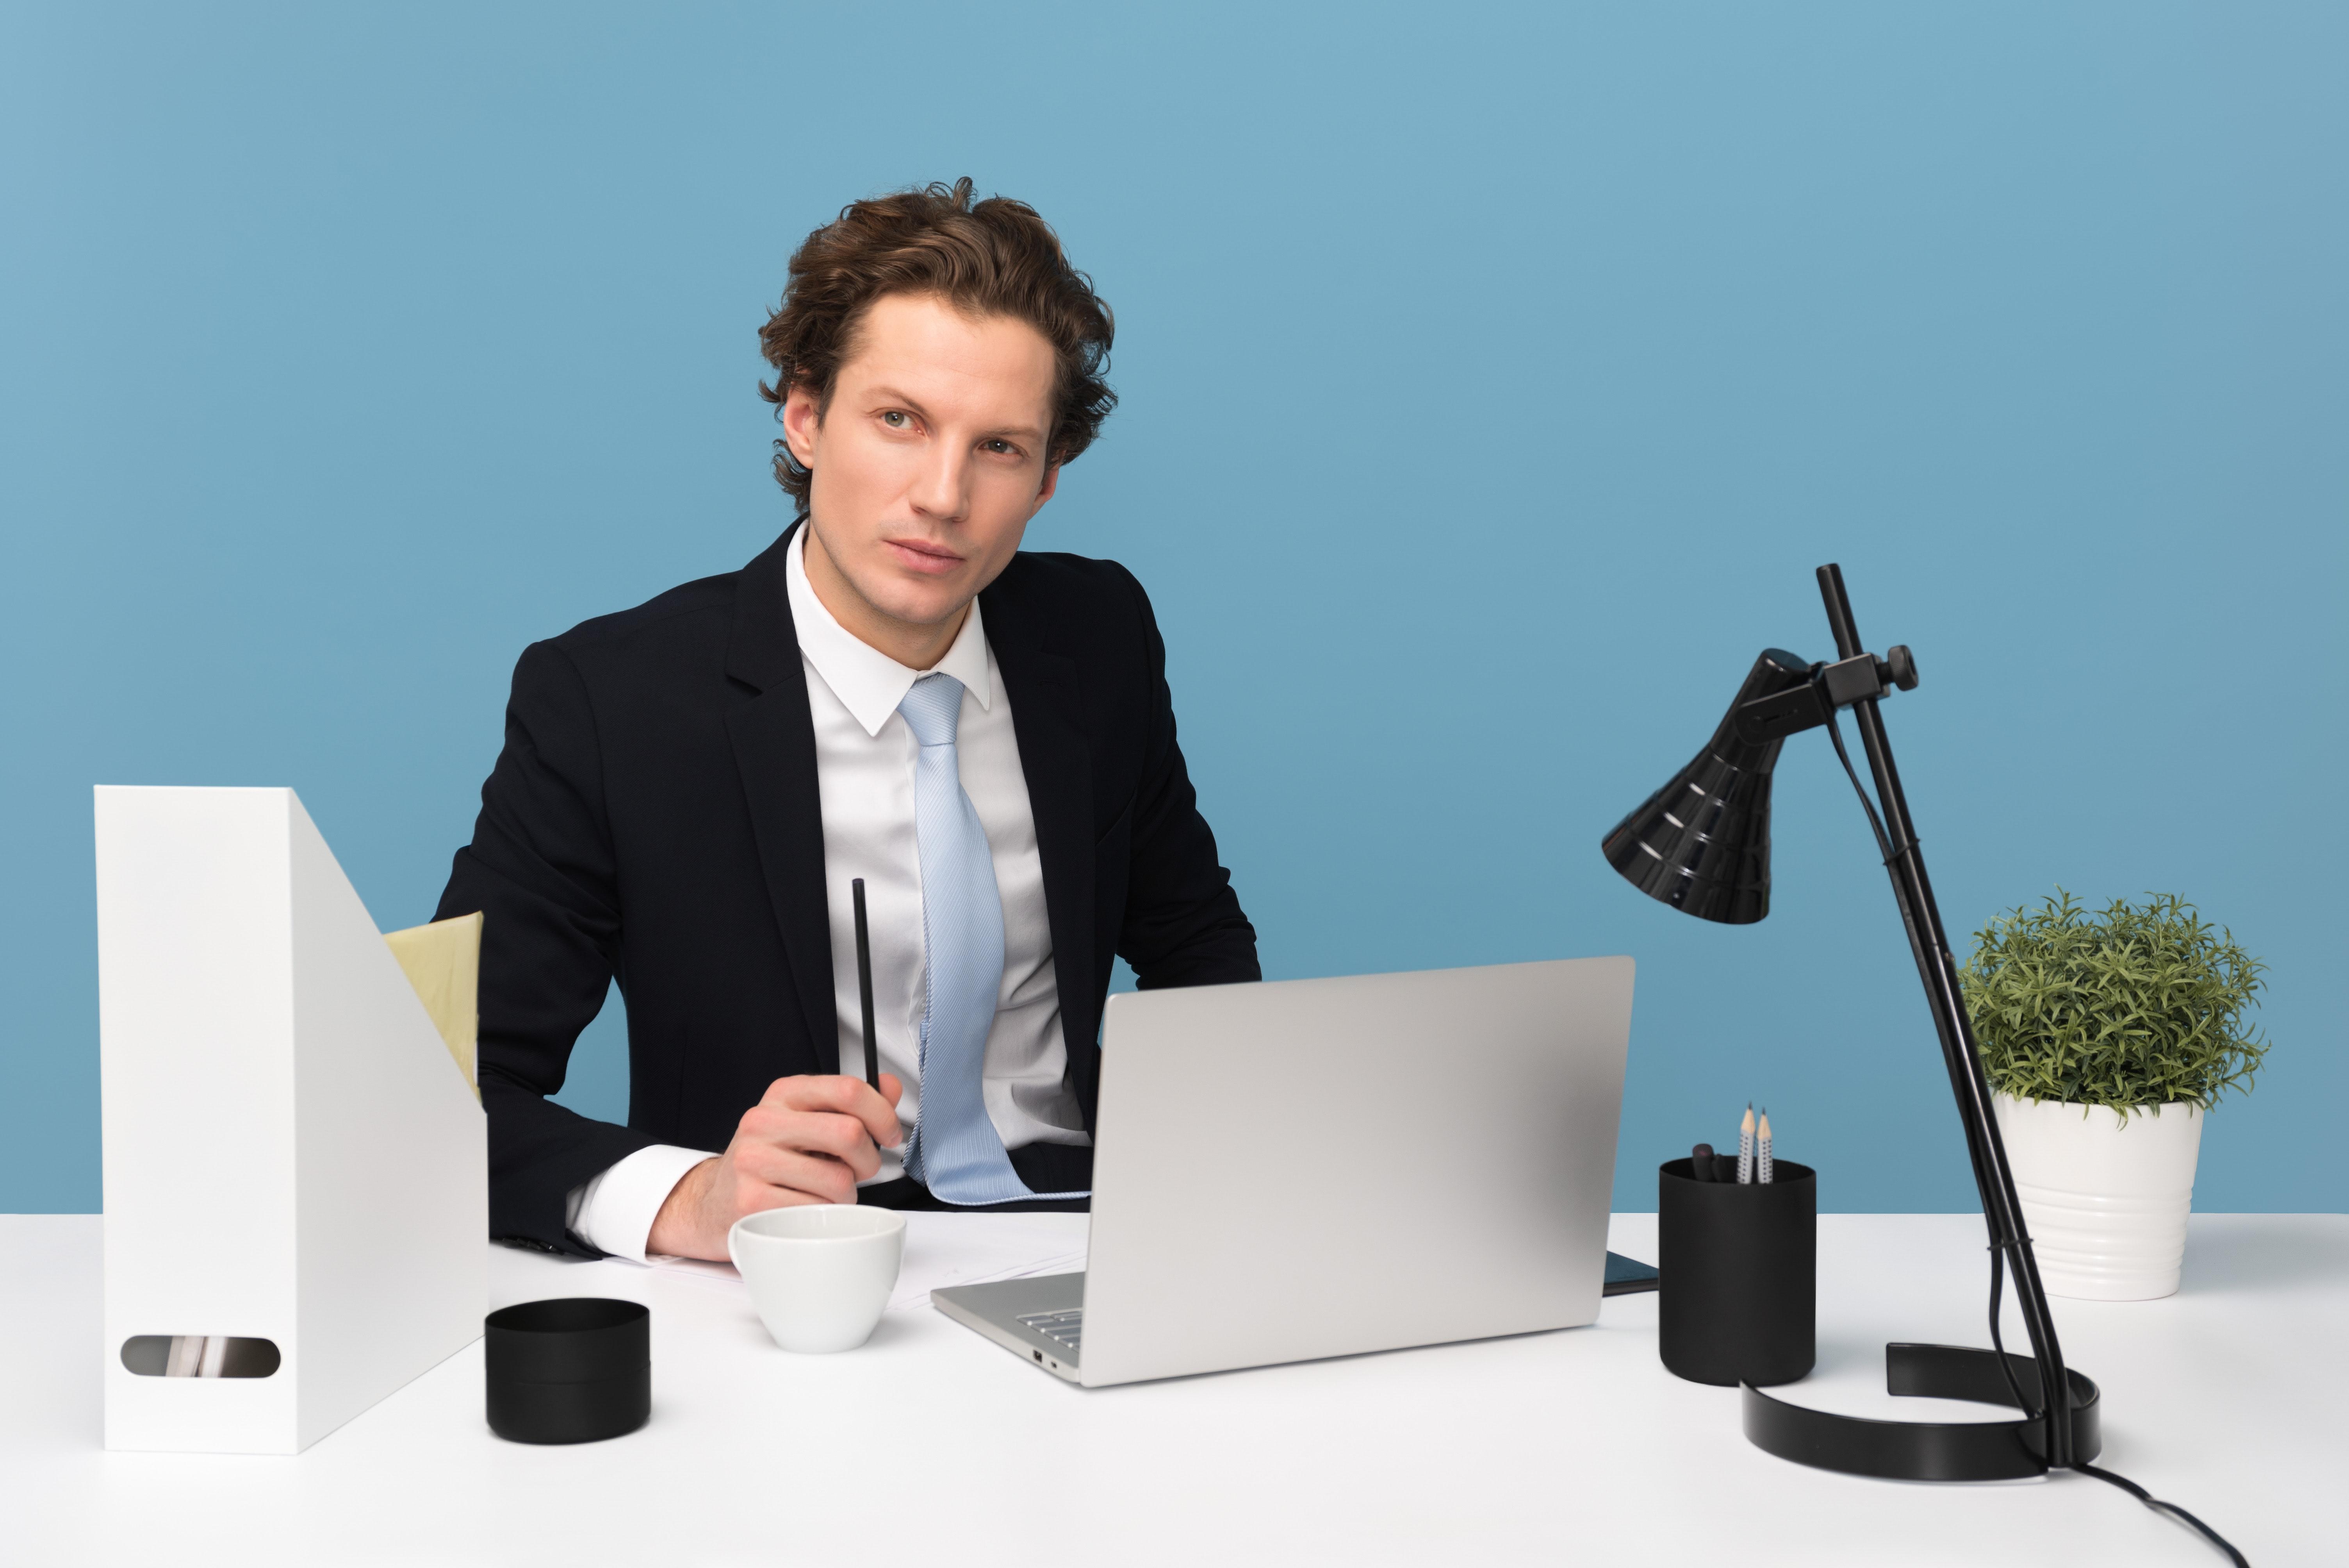 Pentingnya Company Profile untuk Bisnis